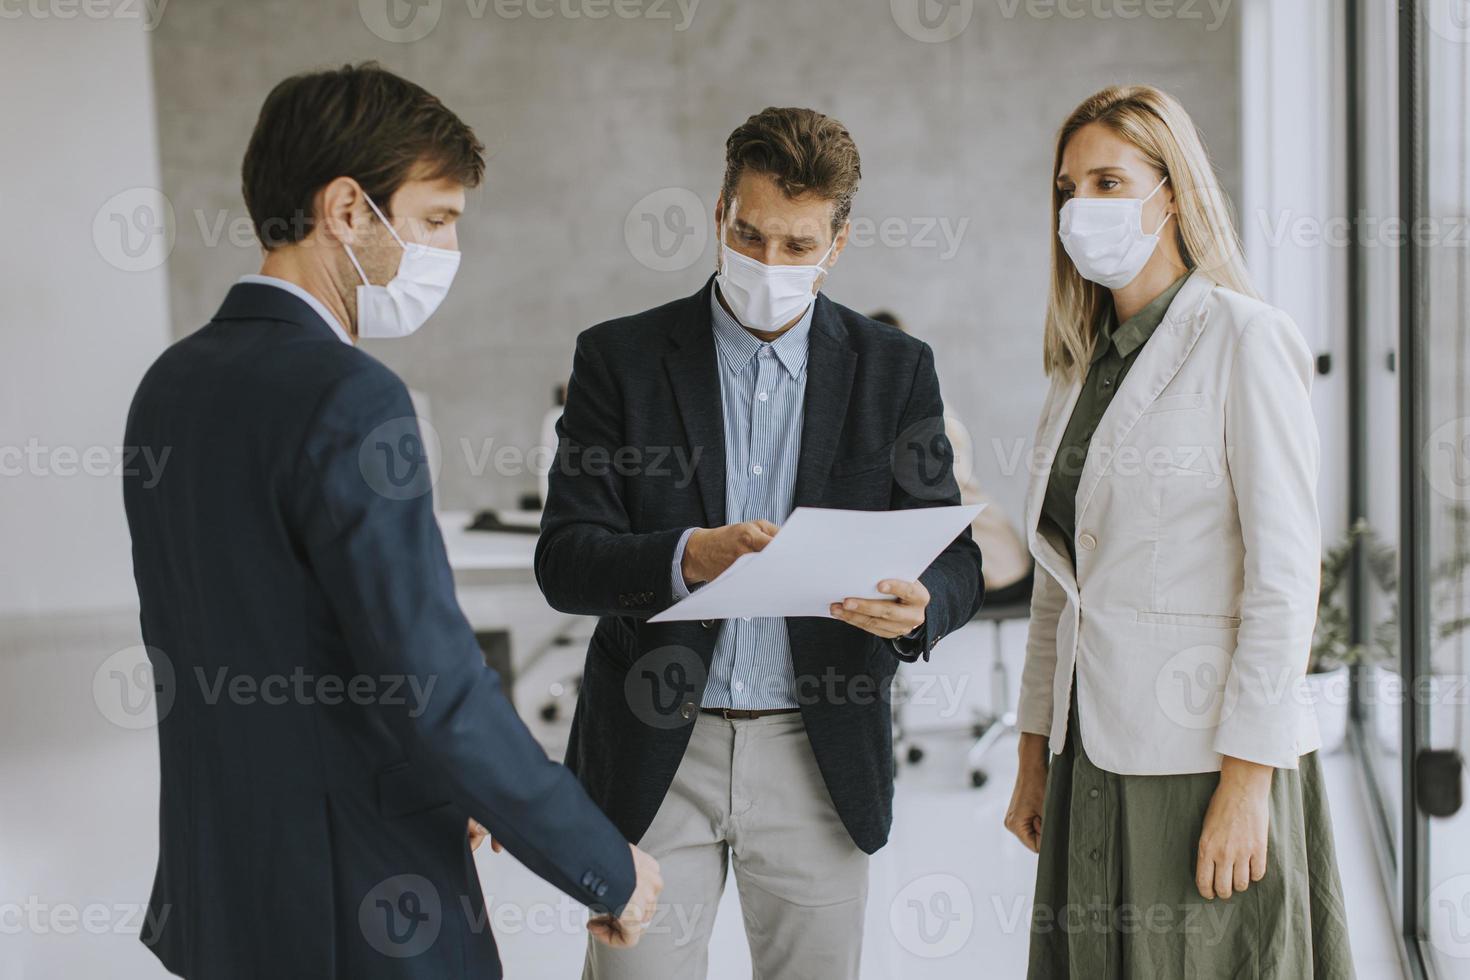 Tres profesionales discutiendo documentos con máscaras foto